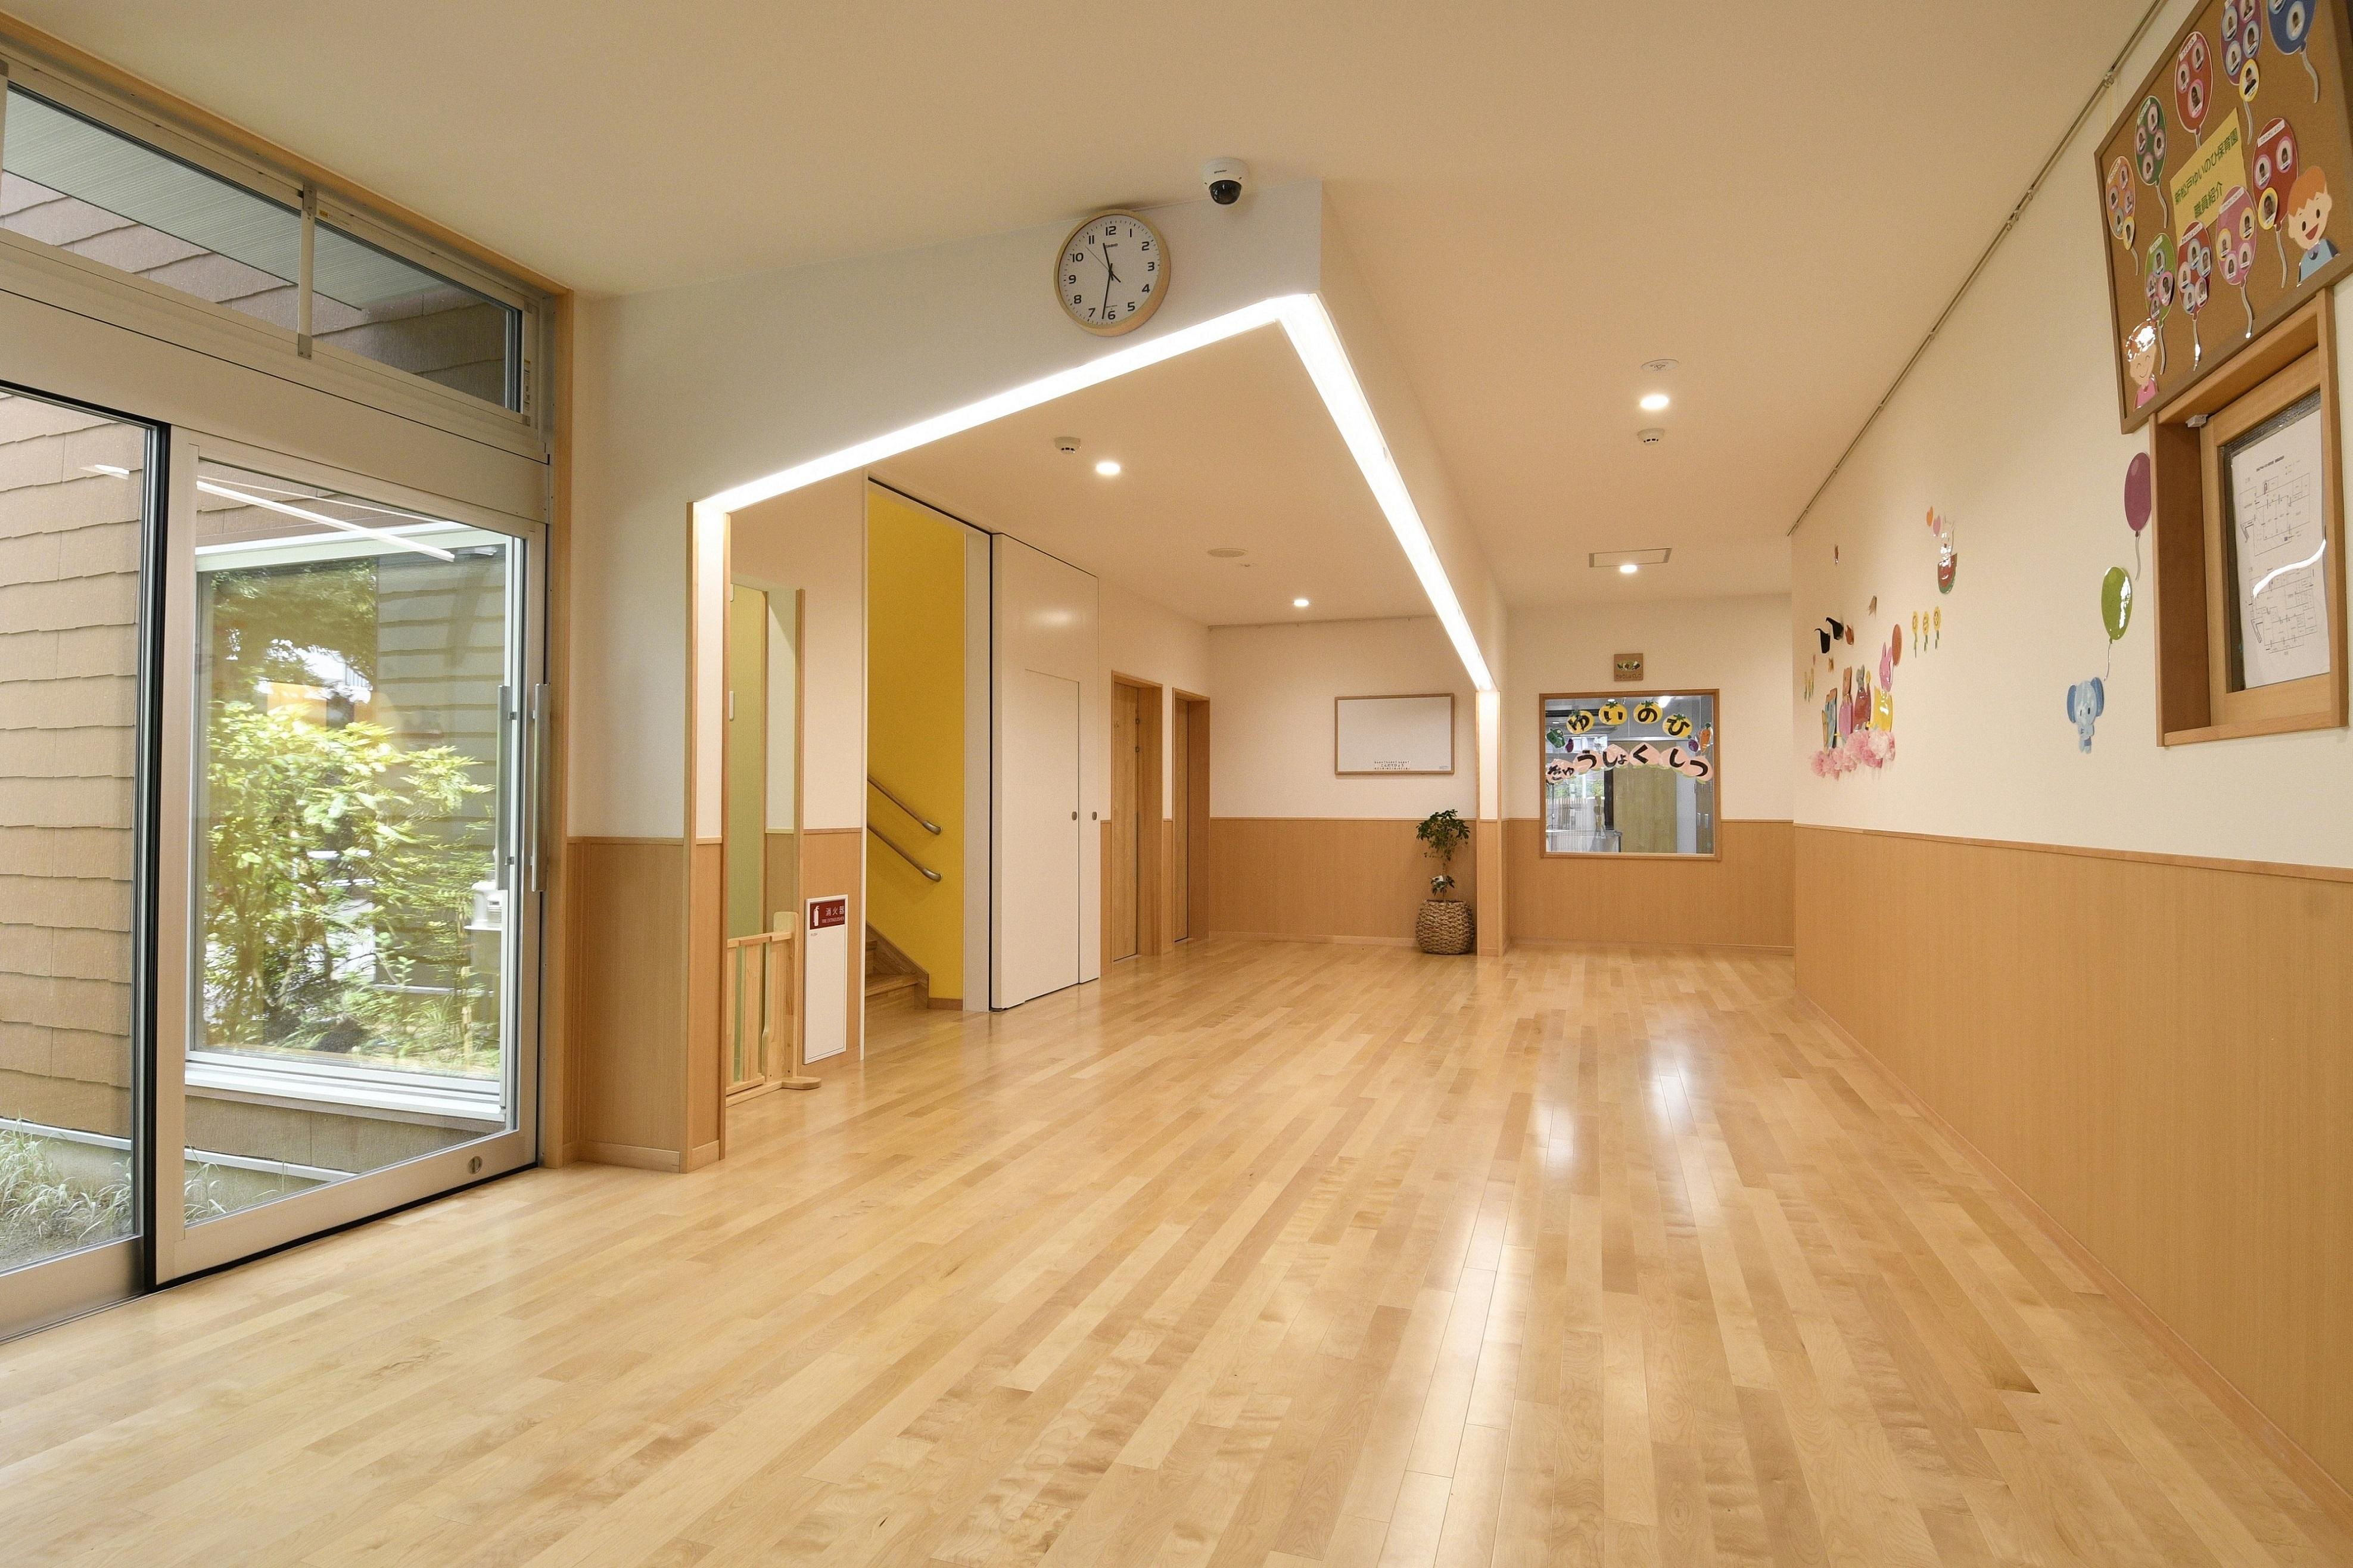 弊社設計担当:千葉県松戸市ゆいのひ保育園